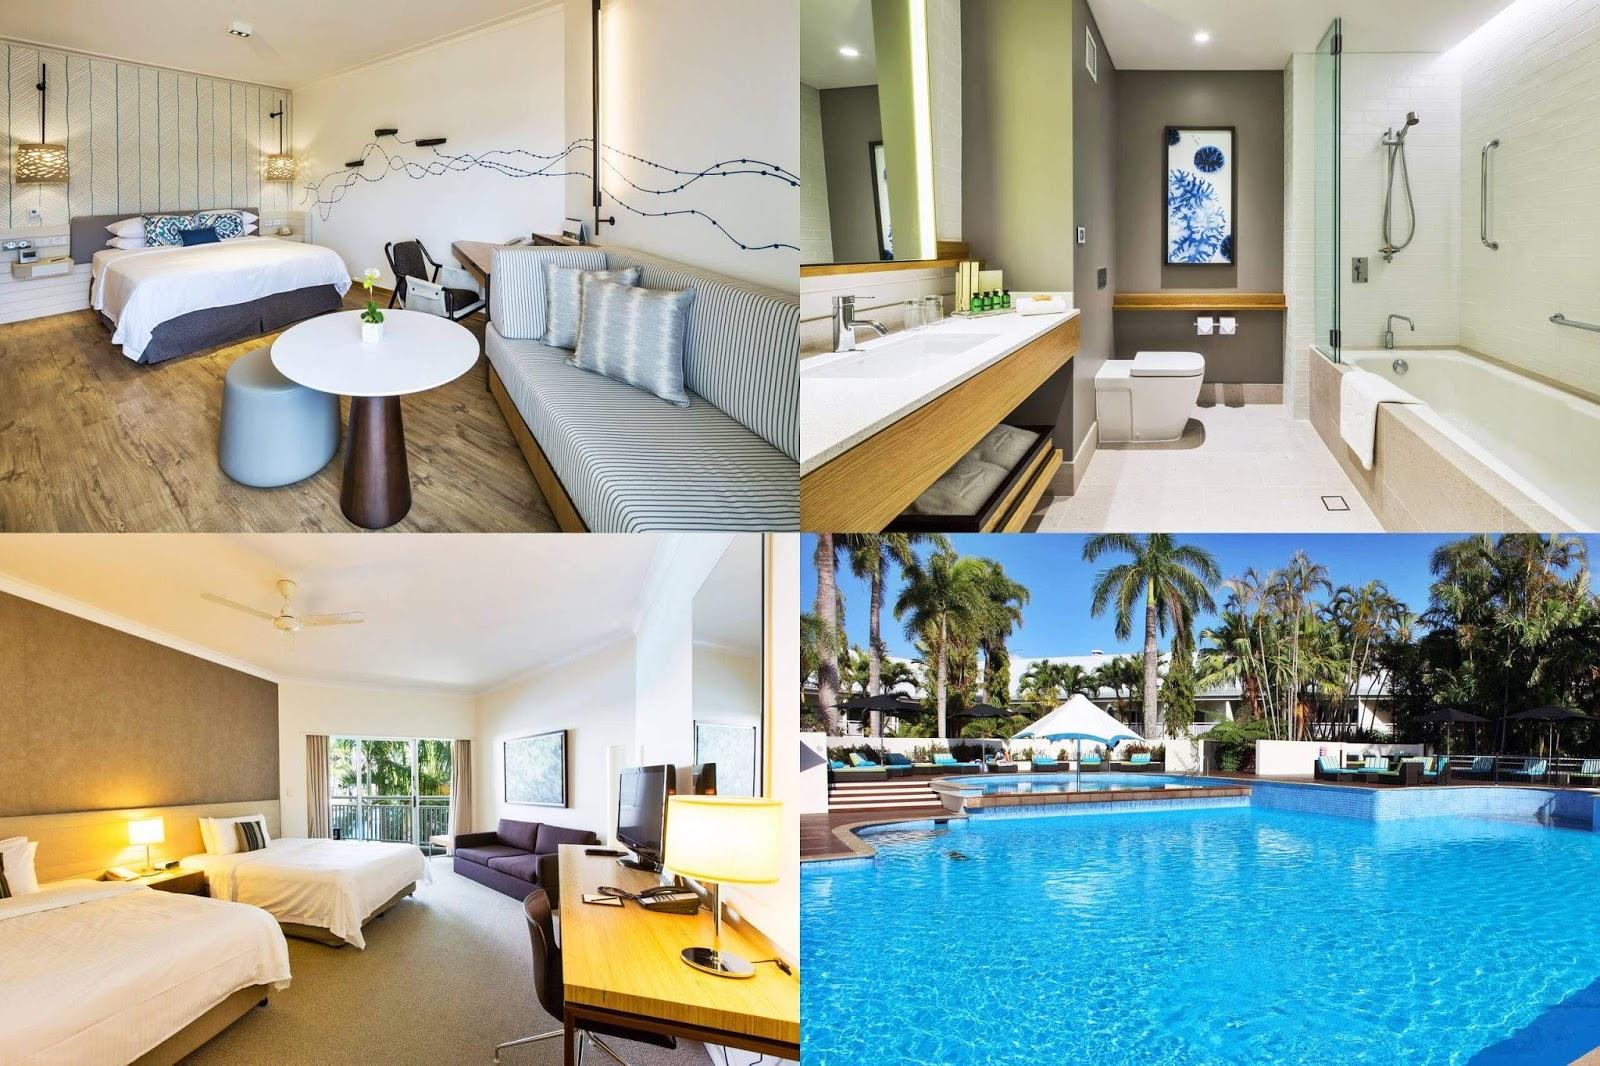 凱恩斯-住宿-推薦-香格里拉-飯店-旅館-民宿-公寓-酒店-Cairns-Shangri-La-Marina-Hotel